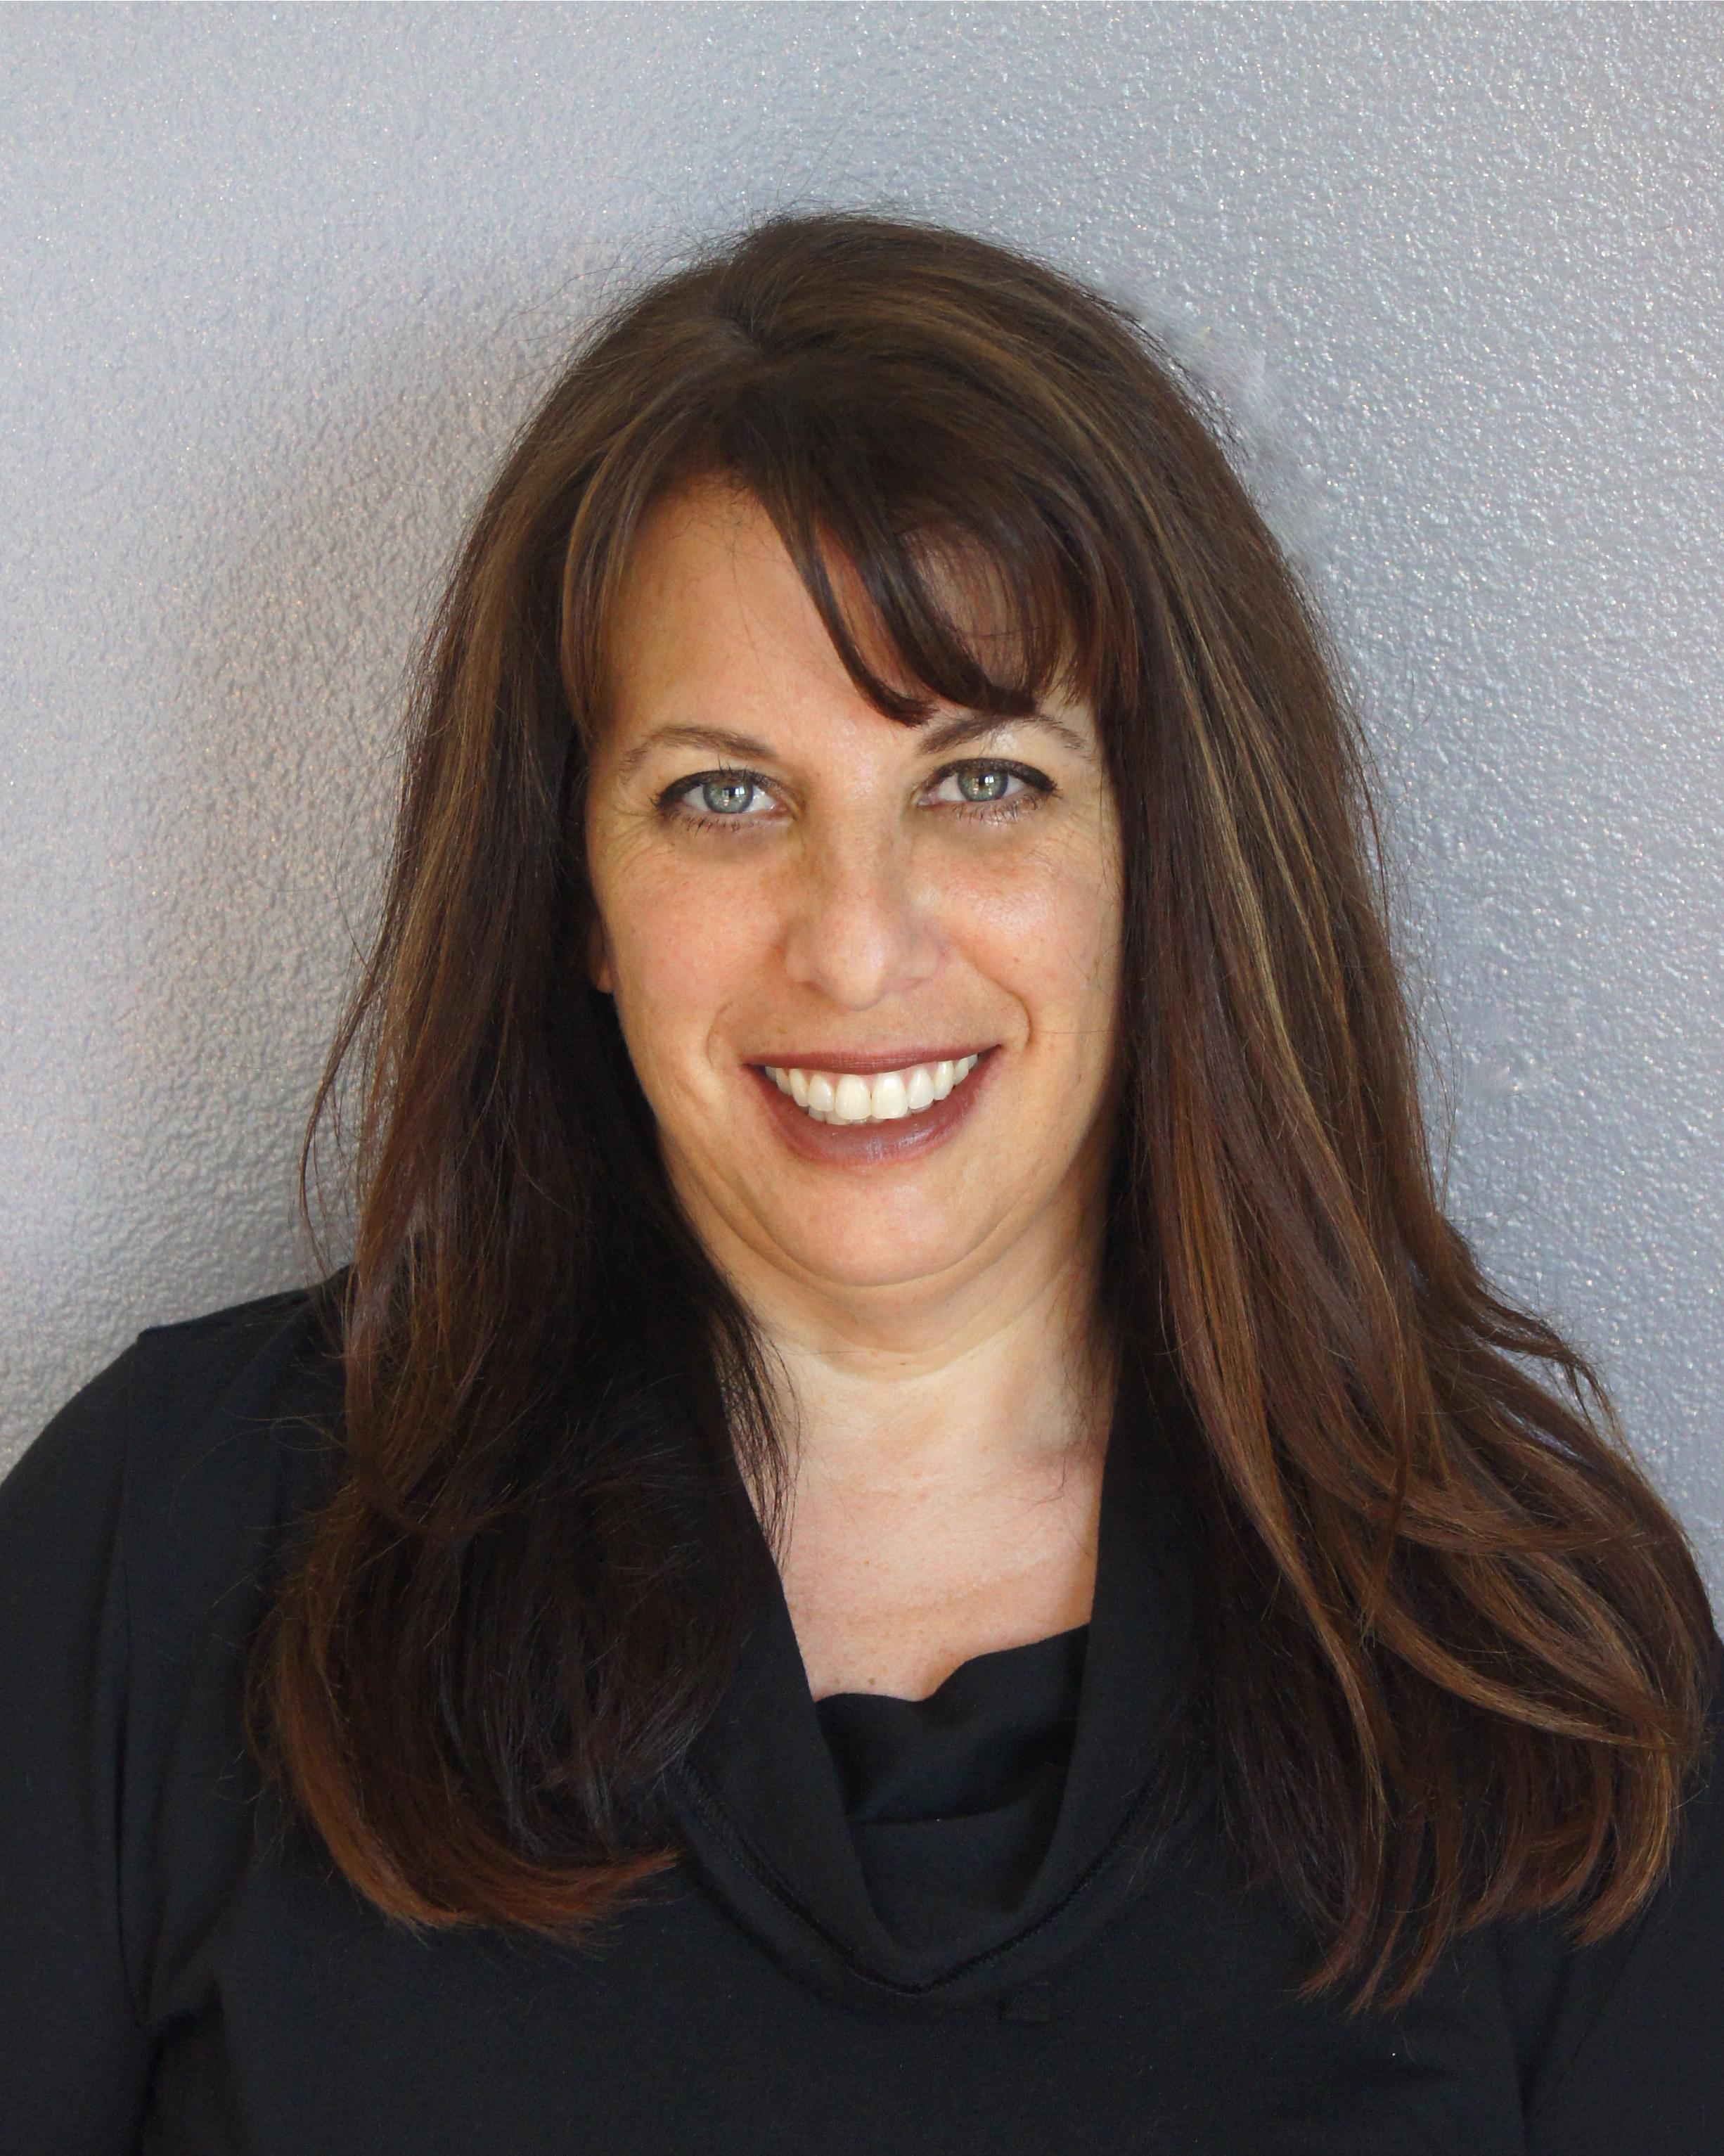 Lisa Suennen headshot 6.16.14.jpeg